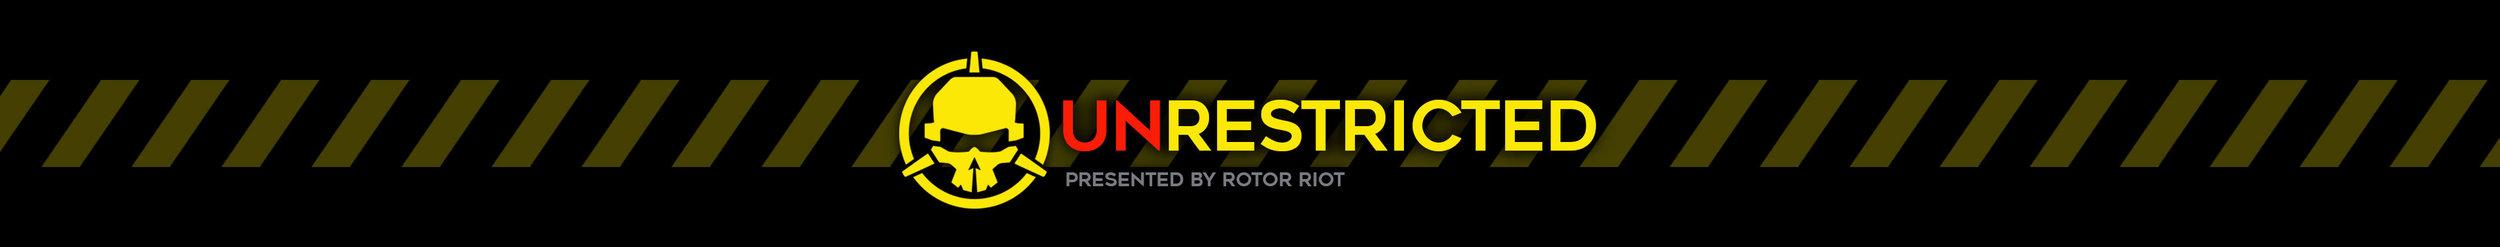 Unrestricted-Footer.jpg